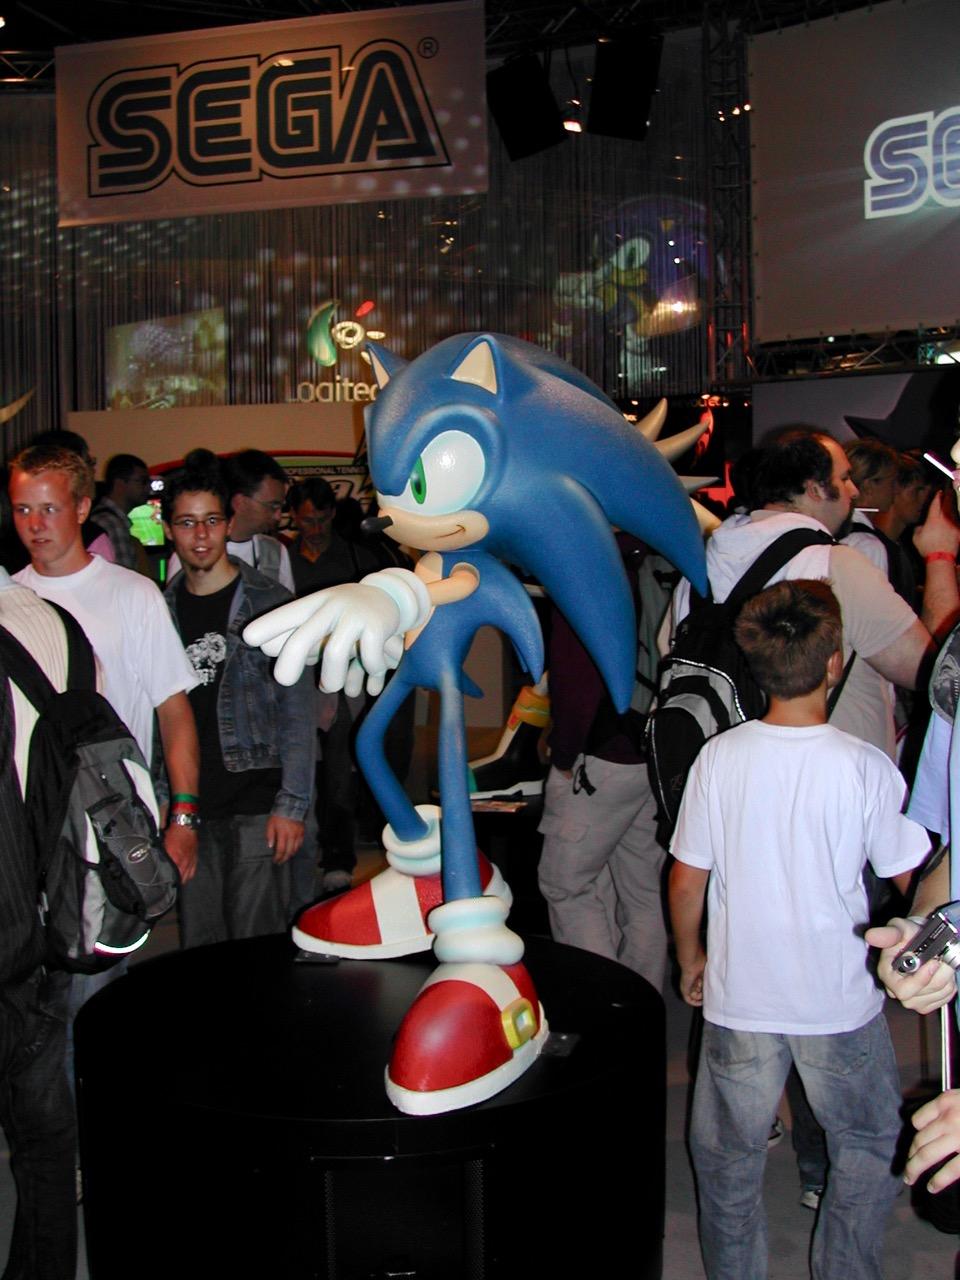 Sonic von SEGA: auch in 2006 noch ein Thema. (Bild: André Eymann)